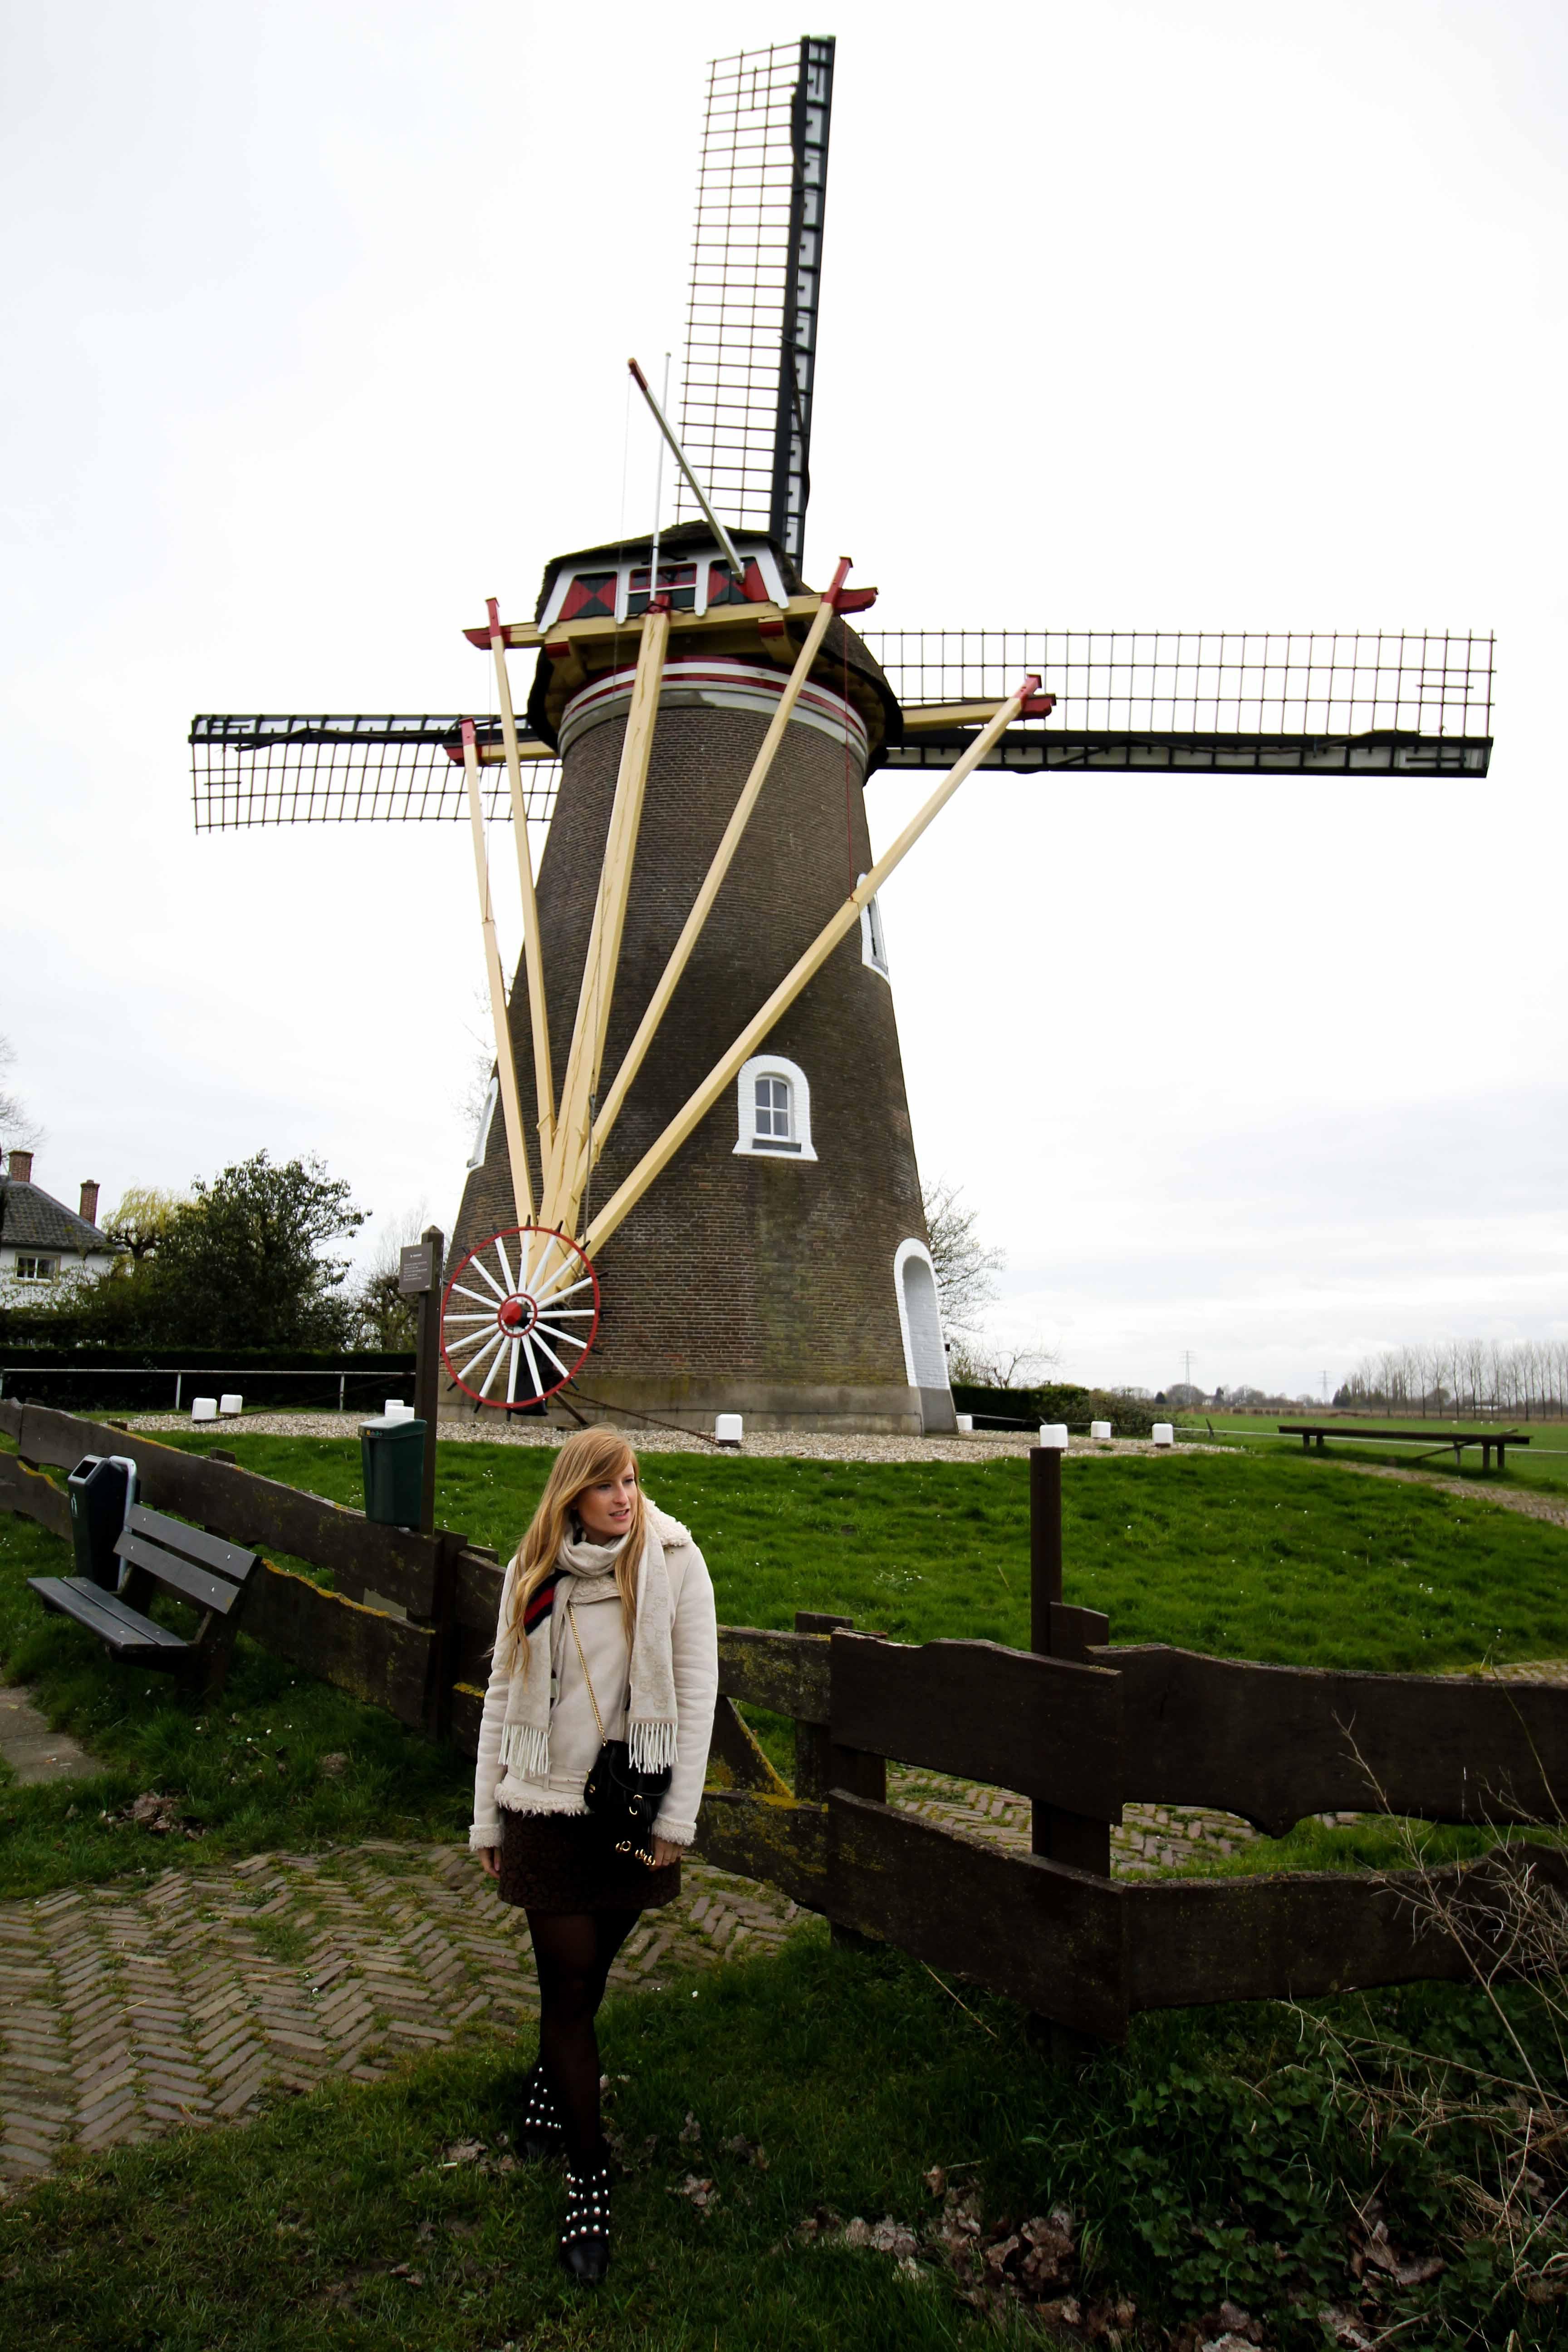 Wochenendtrip Holland Mühle das andere Holland Reiseblog Ausflug von Deutschland